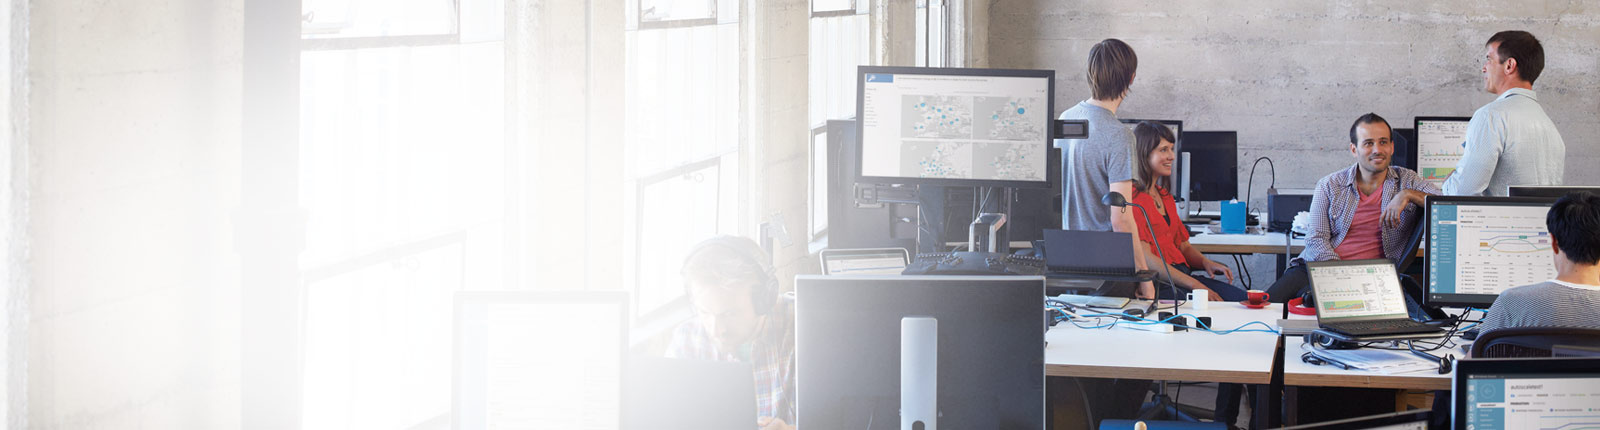 Cinco personas trabajando en sus respectivas mesas en una oficina y que utilizan Office 365.